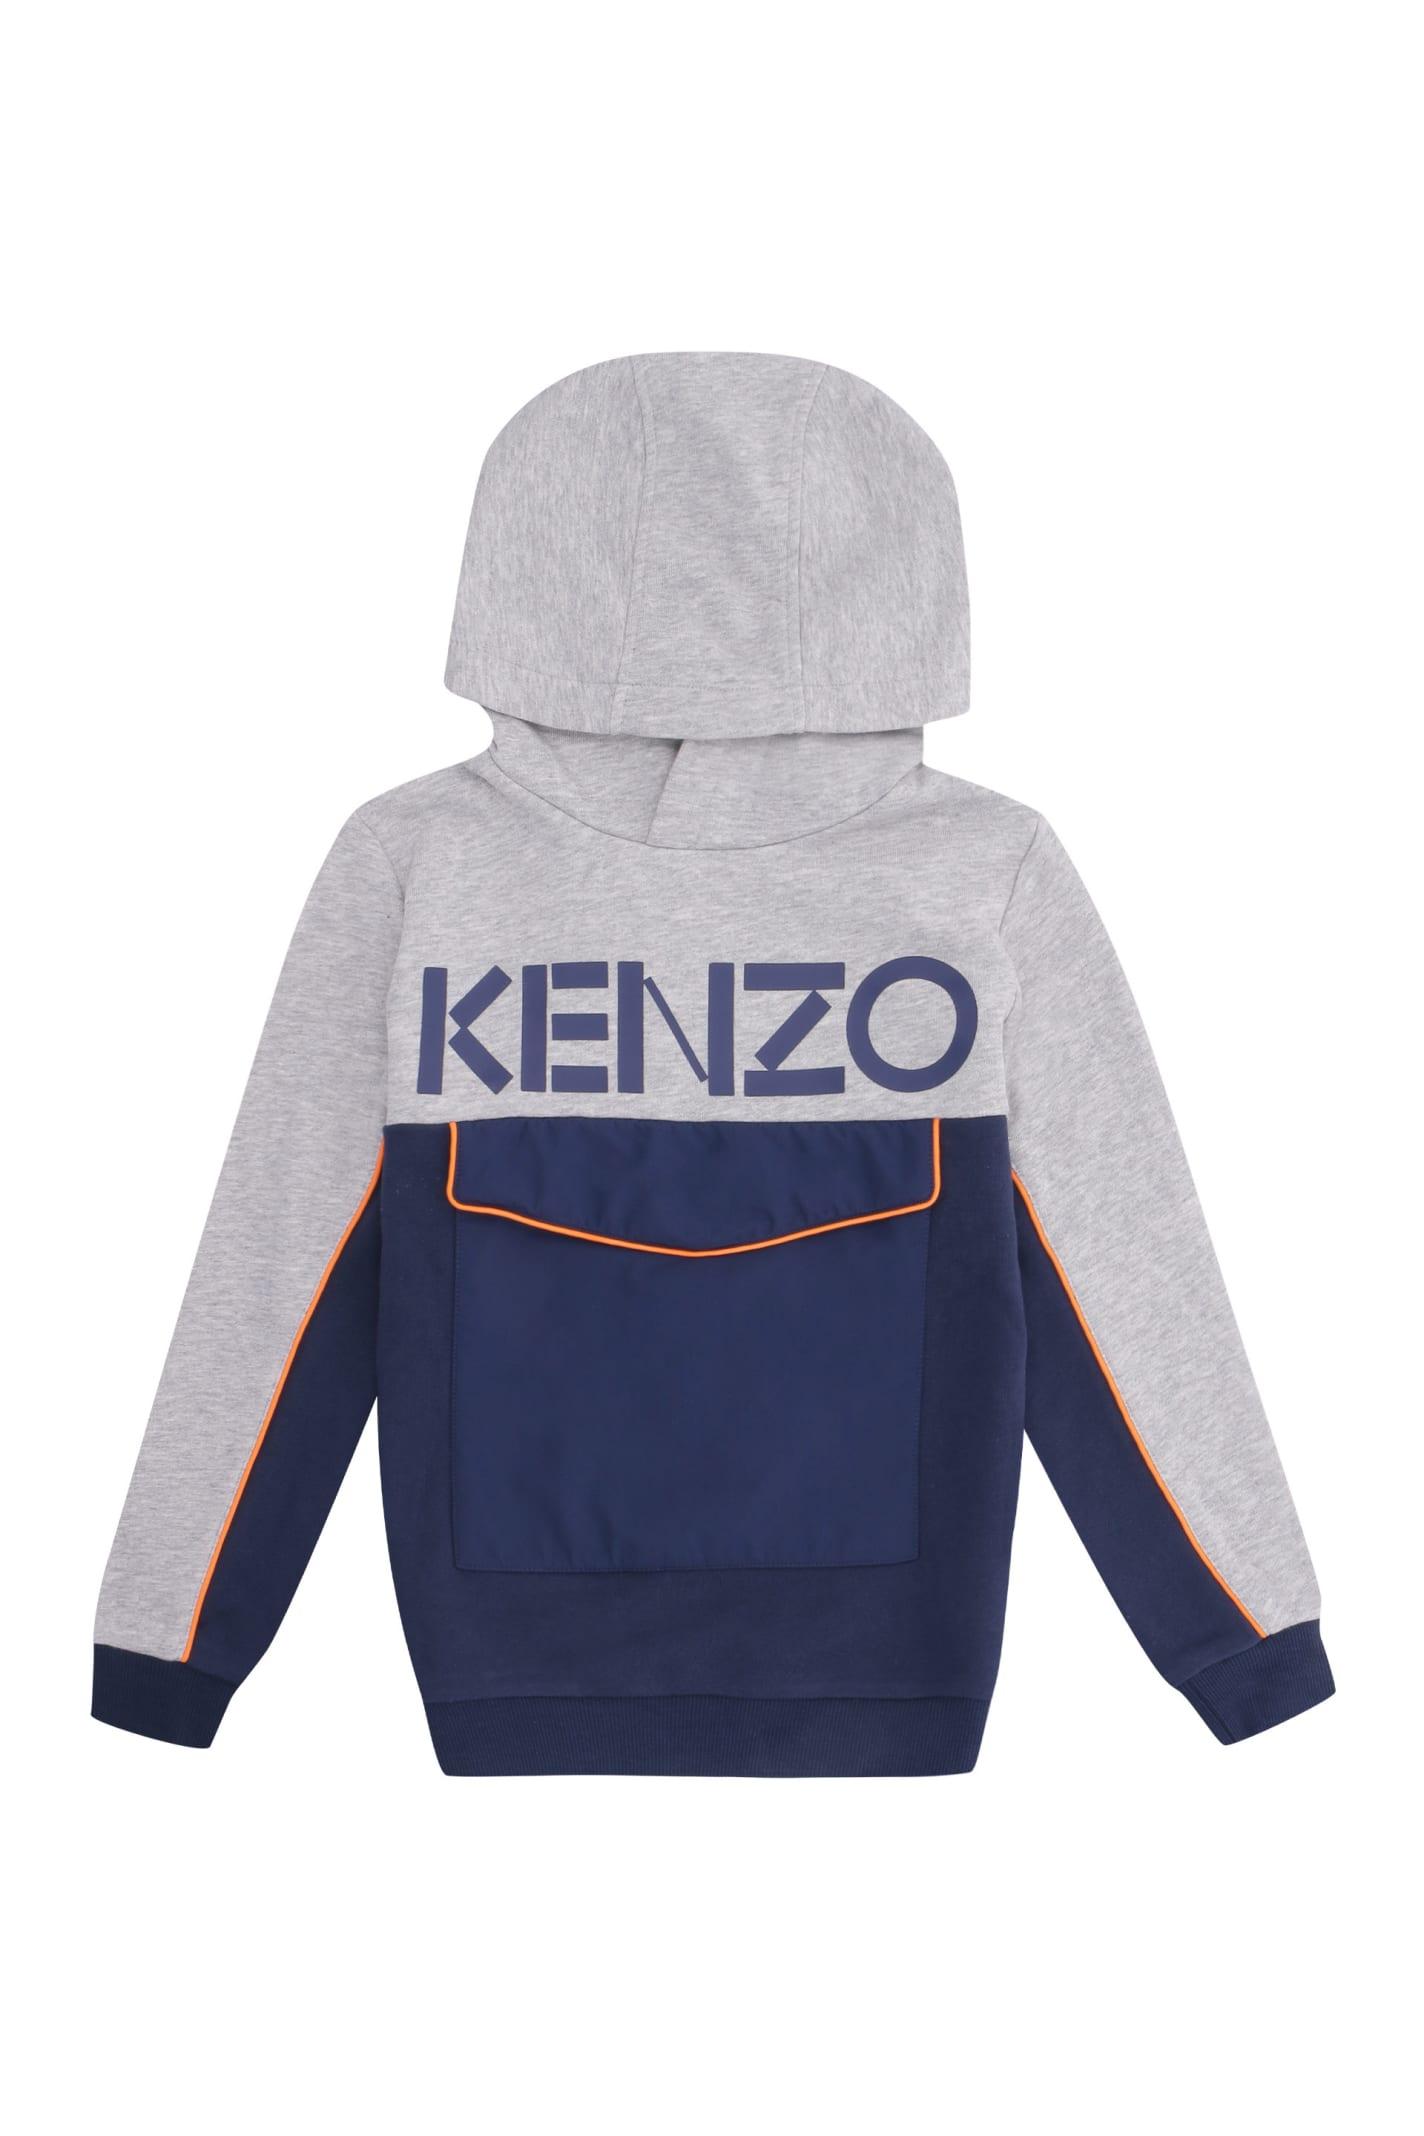 Kenzo Kids Printed Hoodie